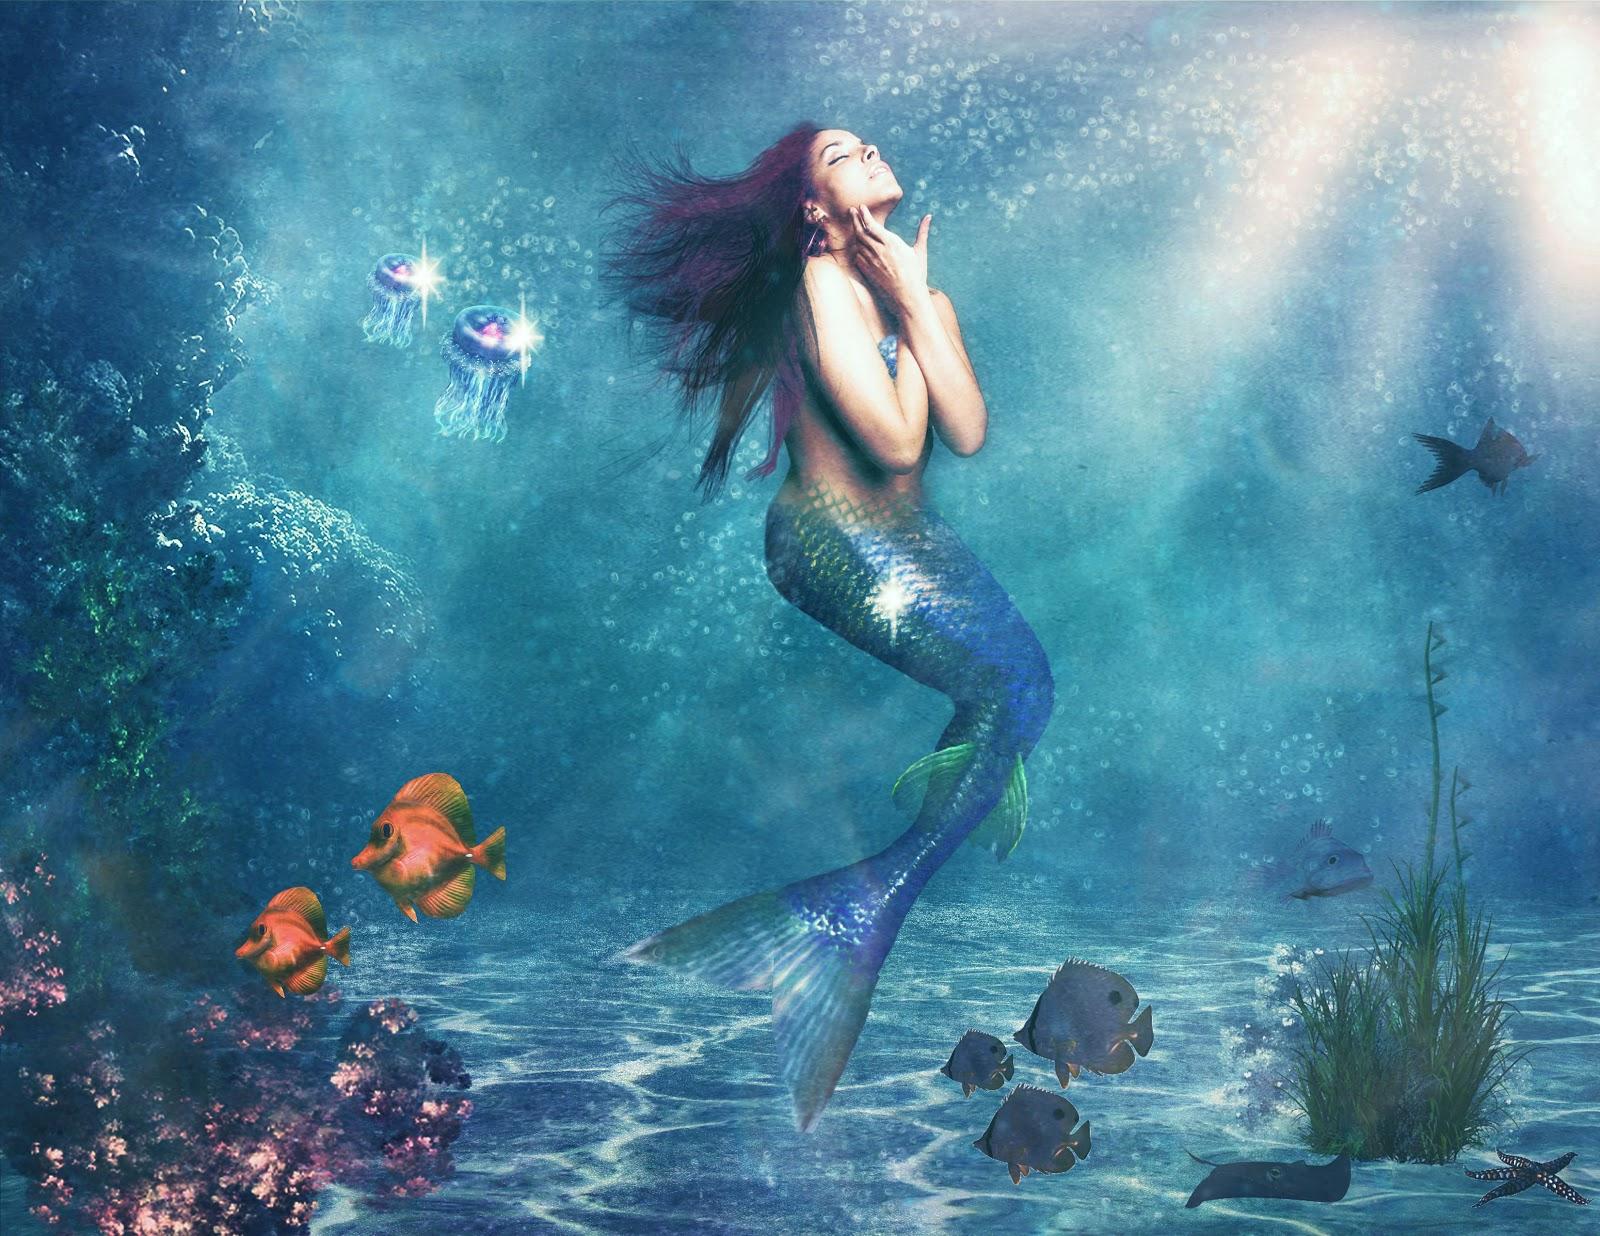 Bookland viaggiando tra i libri recensione il destino - Immagini della vera sirena ...